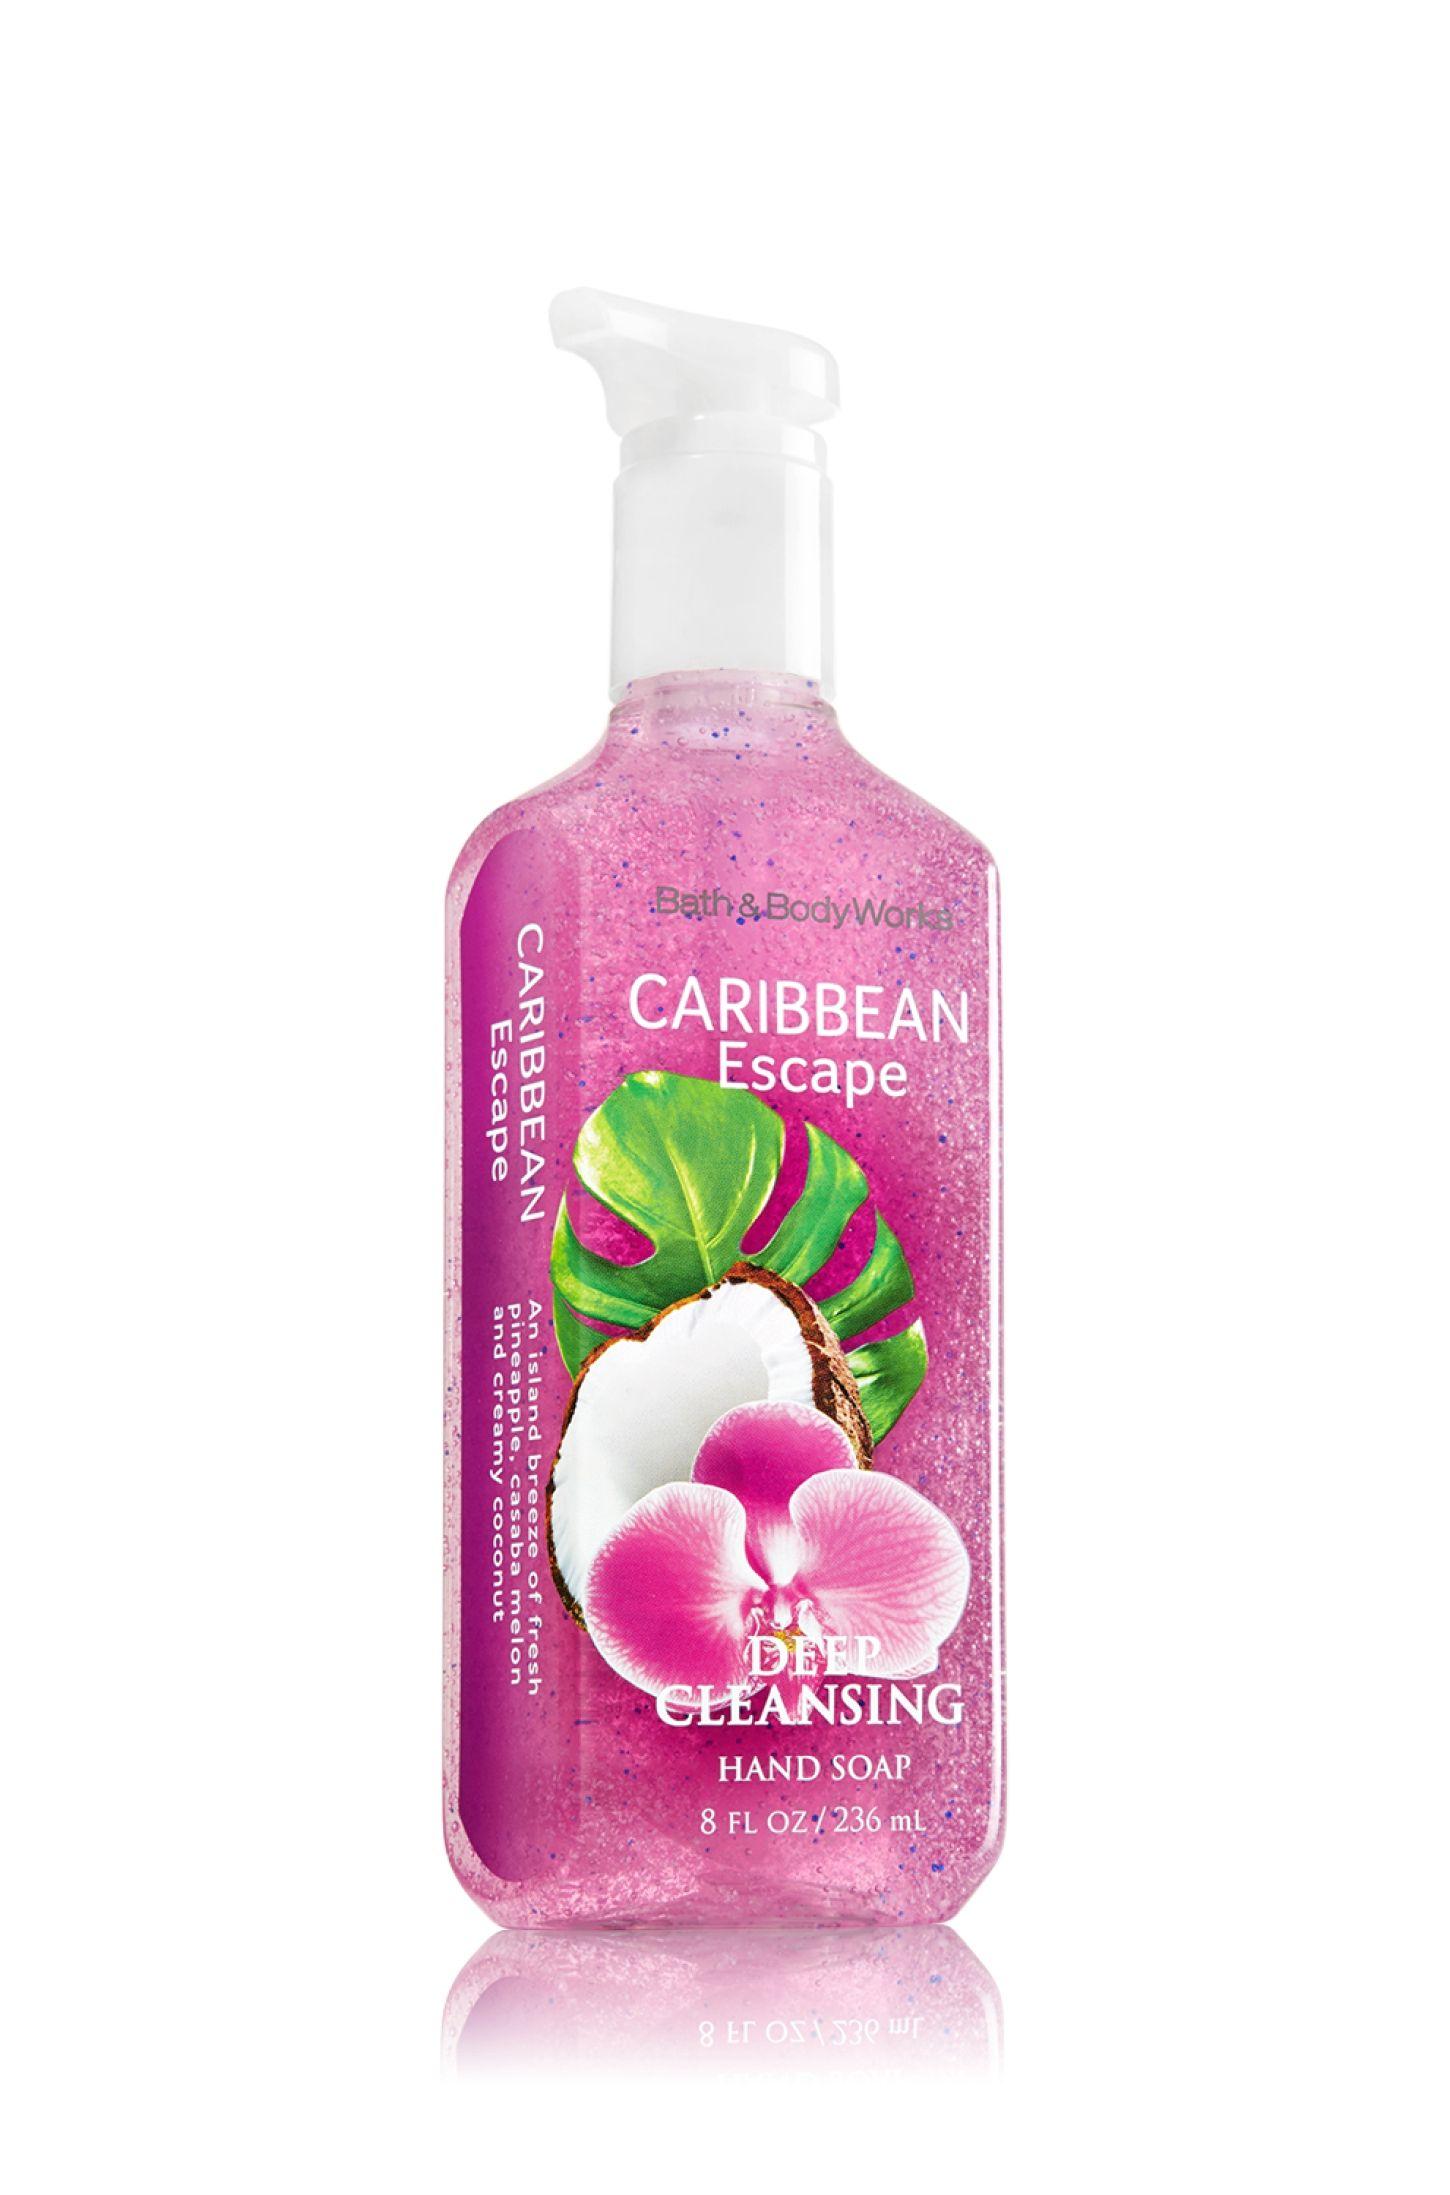 Caribbean Escape Deep Cleansing Hand Soap Soap Sanitizer Bath